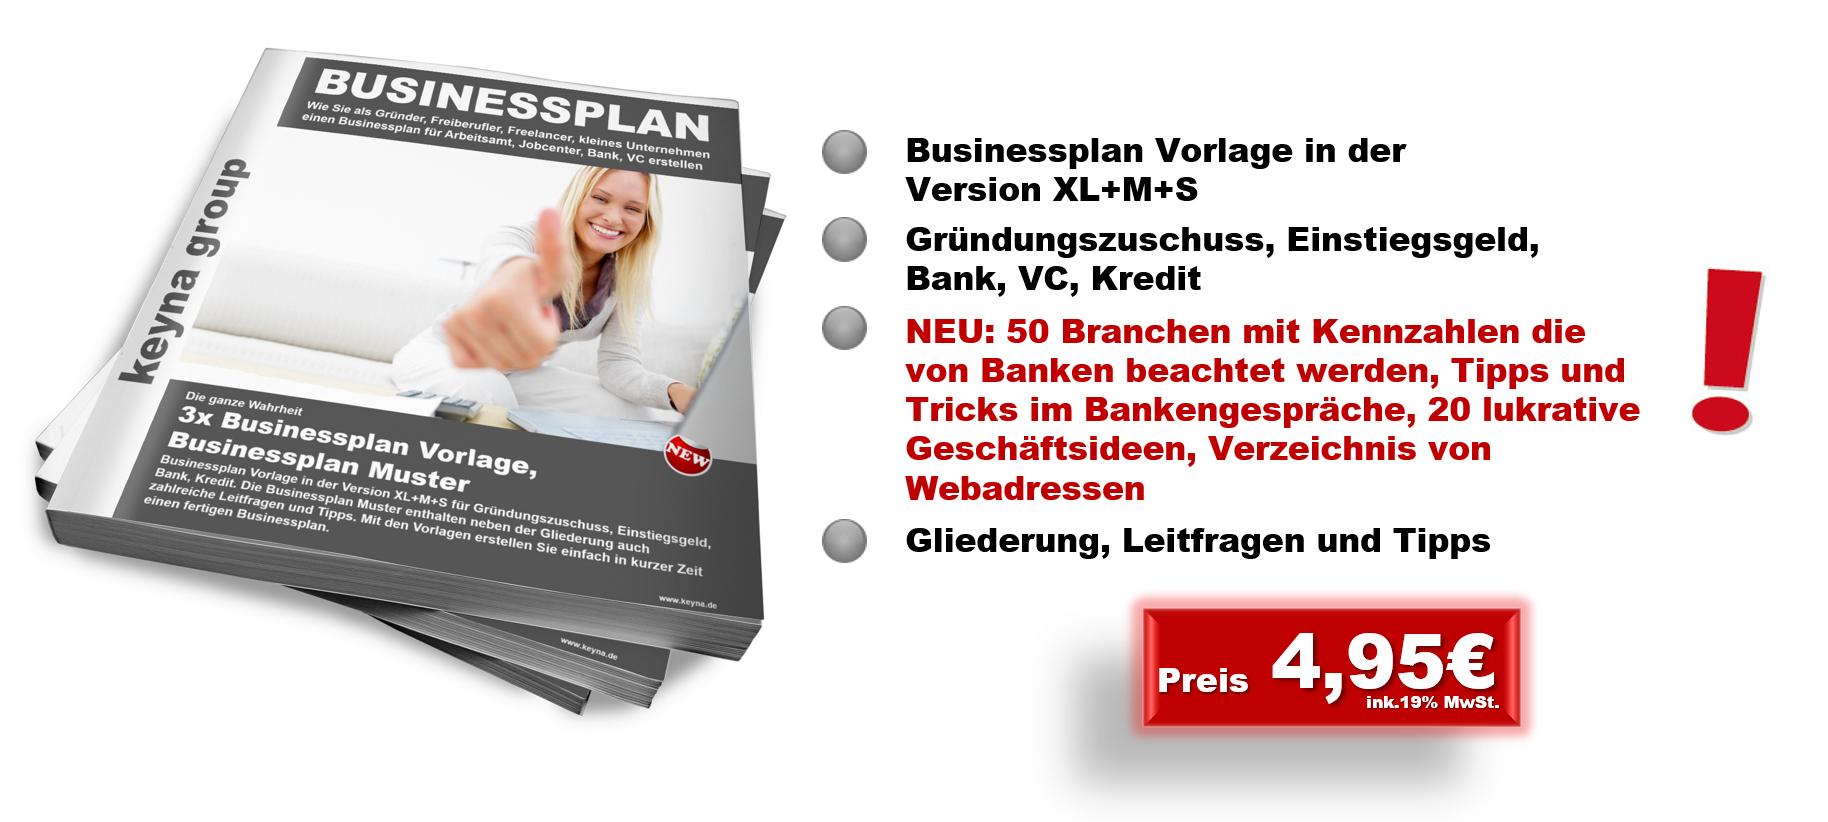 Businessplan erstellen, Businessplan erstellen – erfolgreich Selbstständig machen